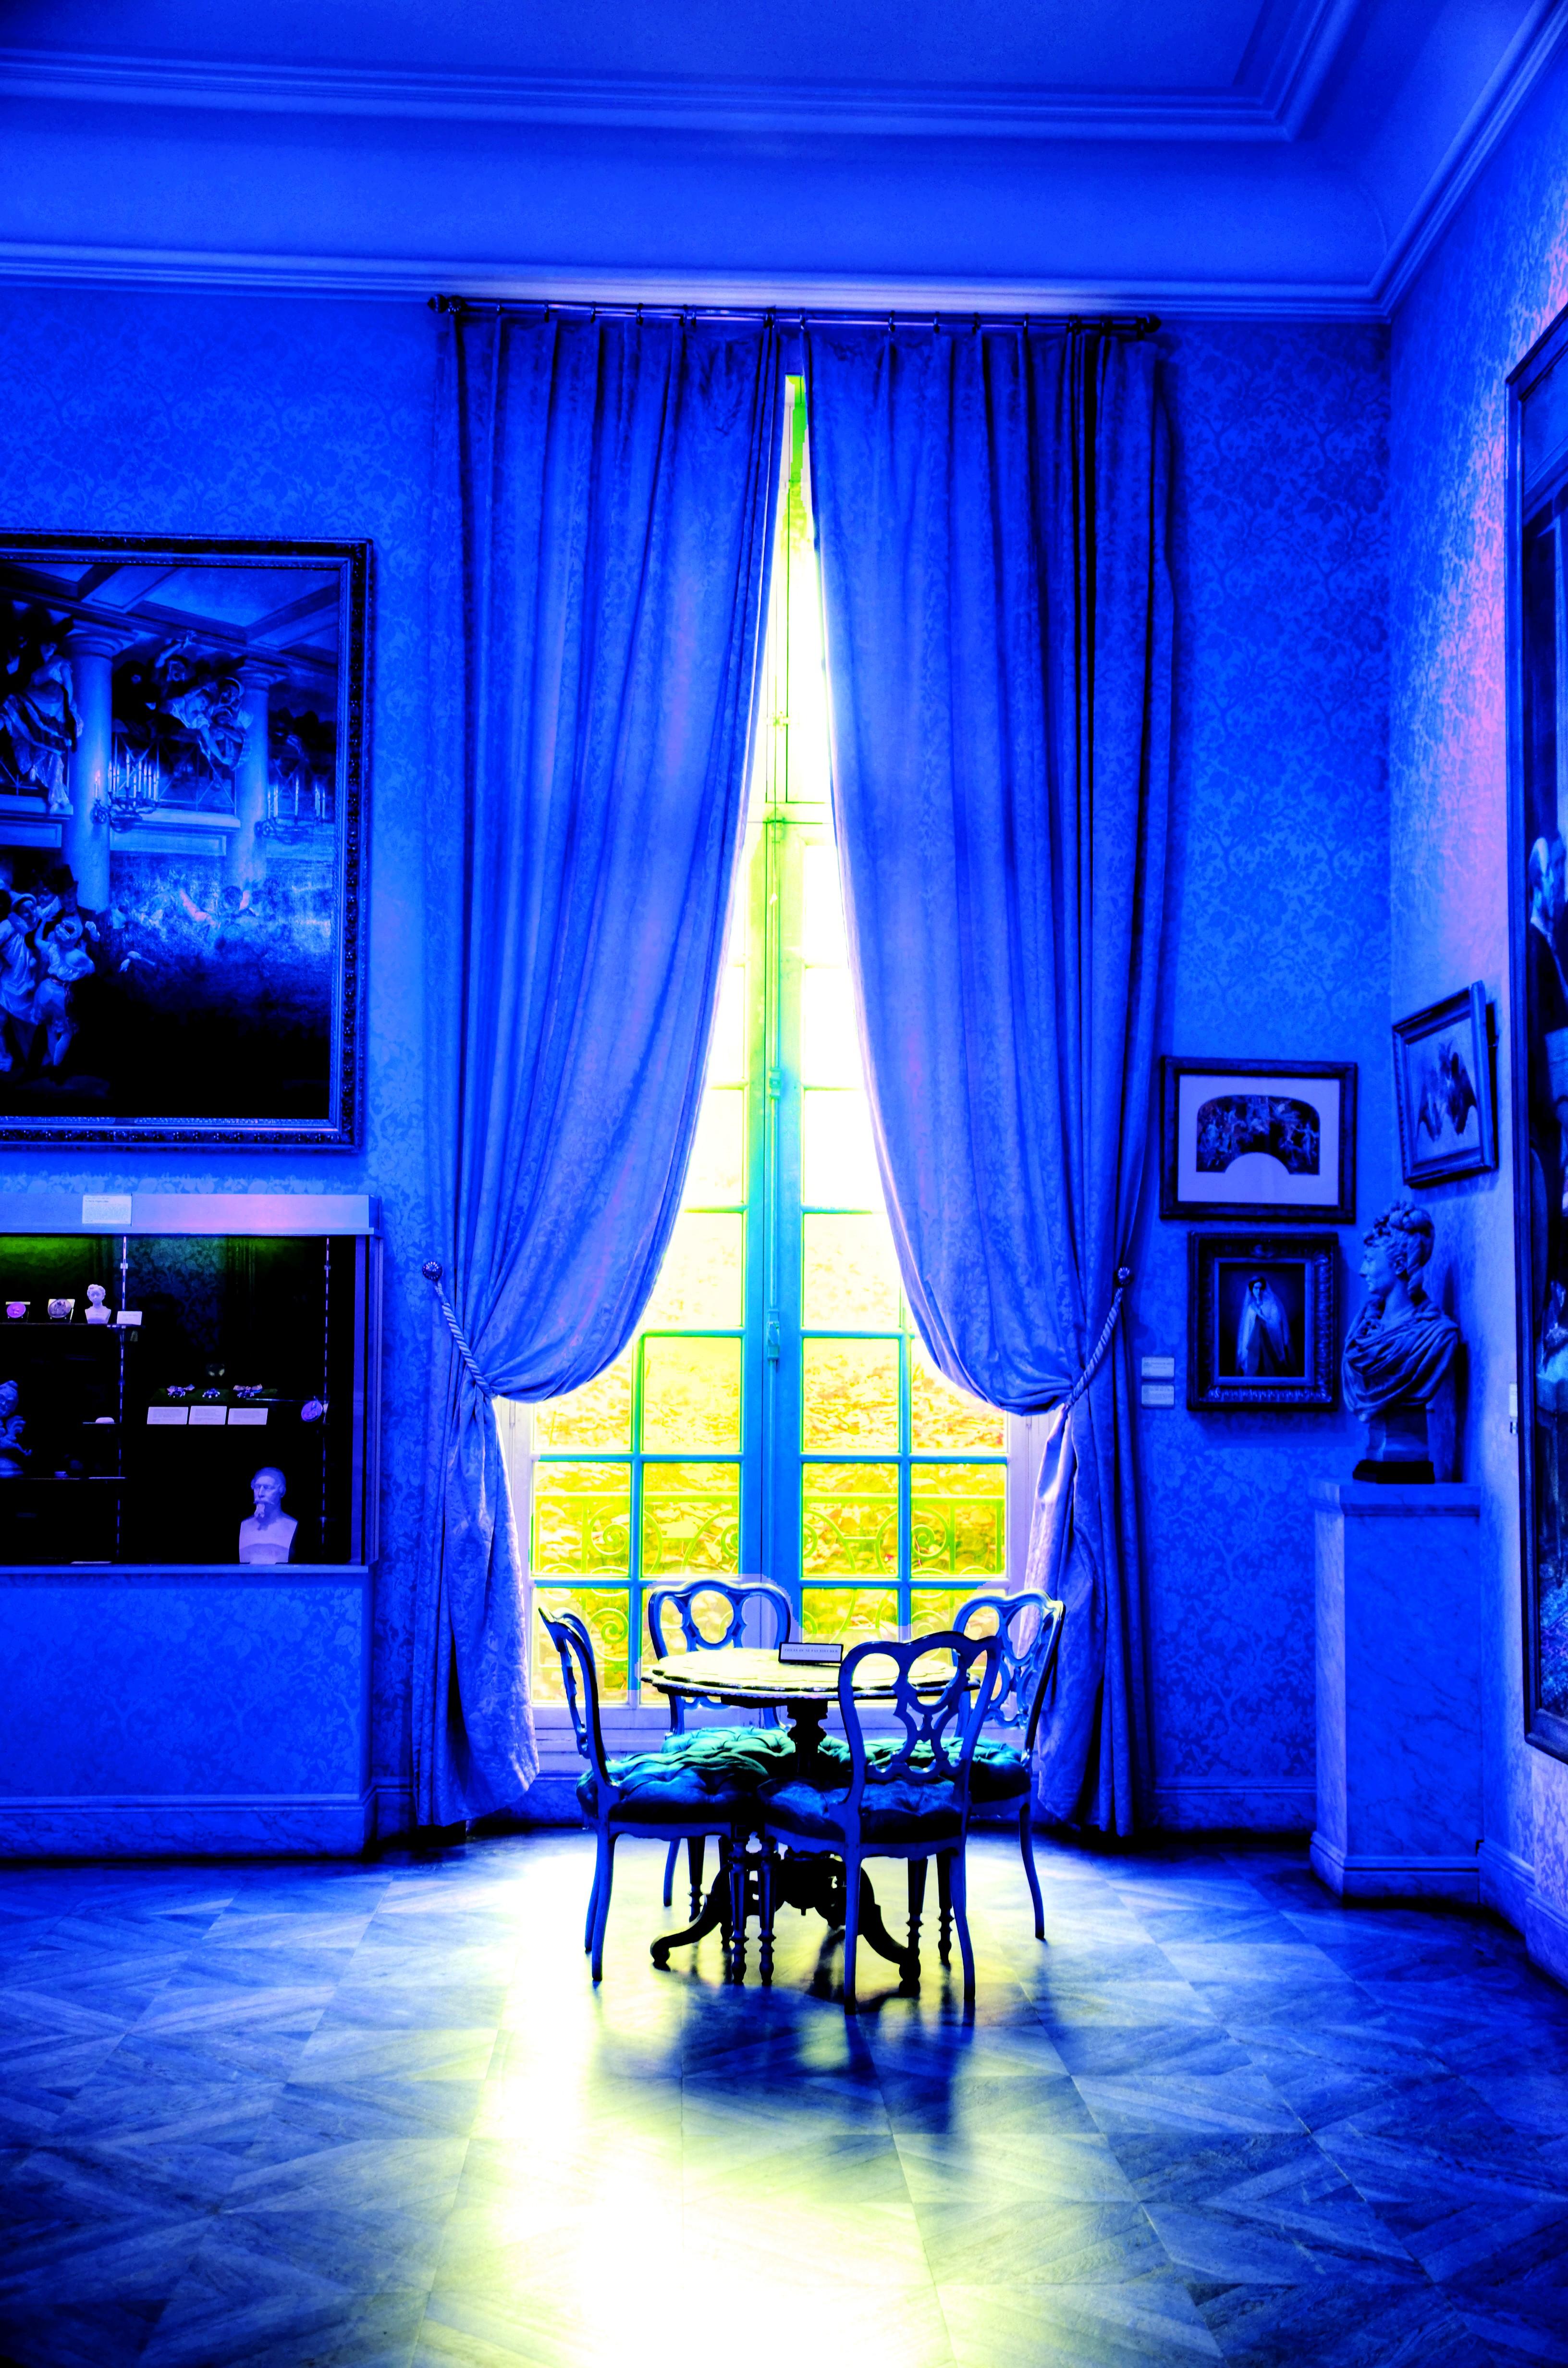 El cuarto azul aguillaumin 39 s blog for Cuartos decorados azul